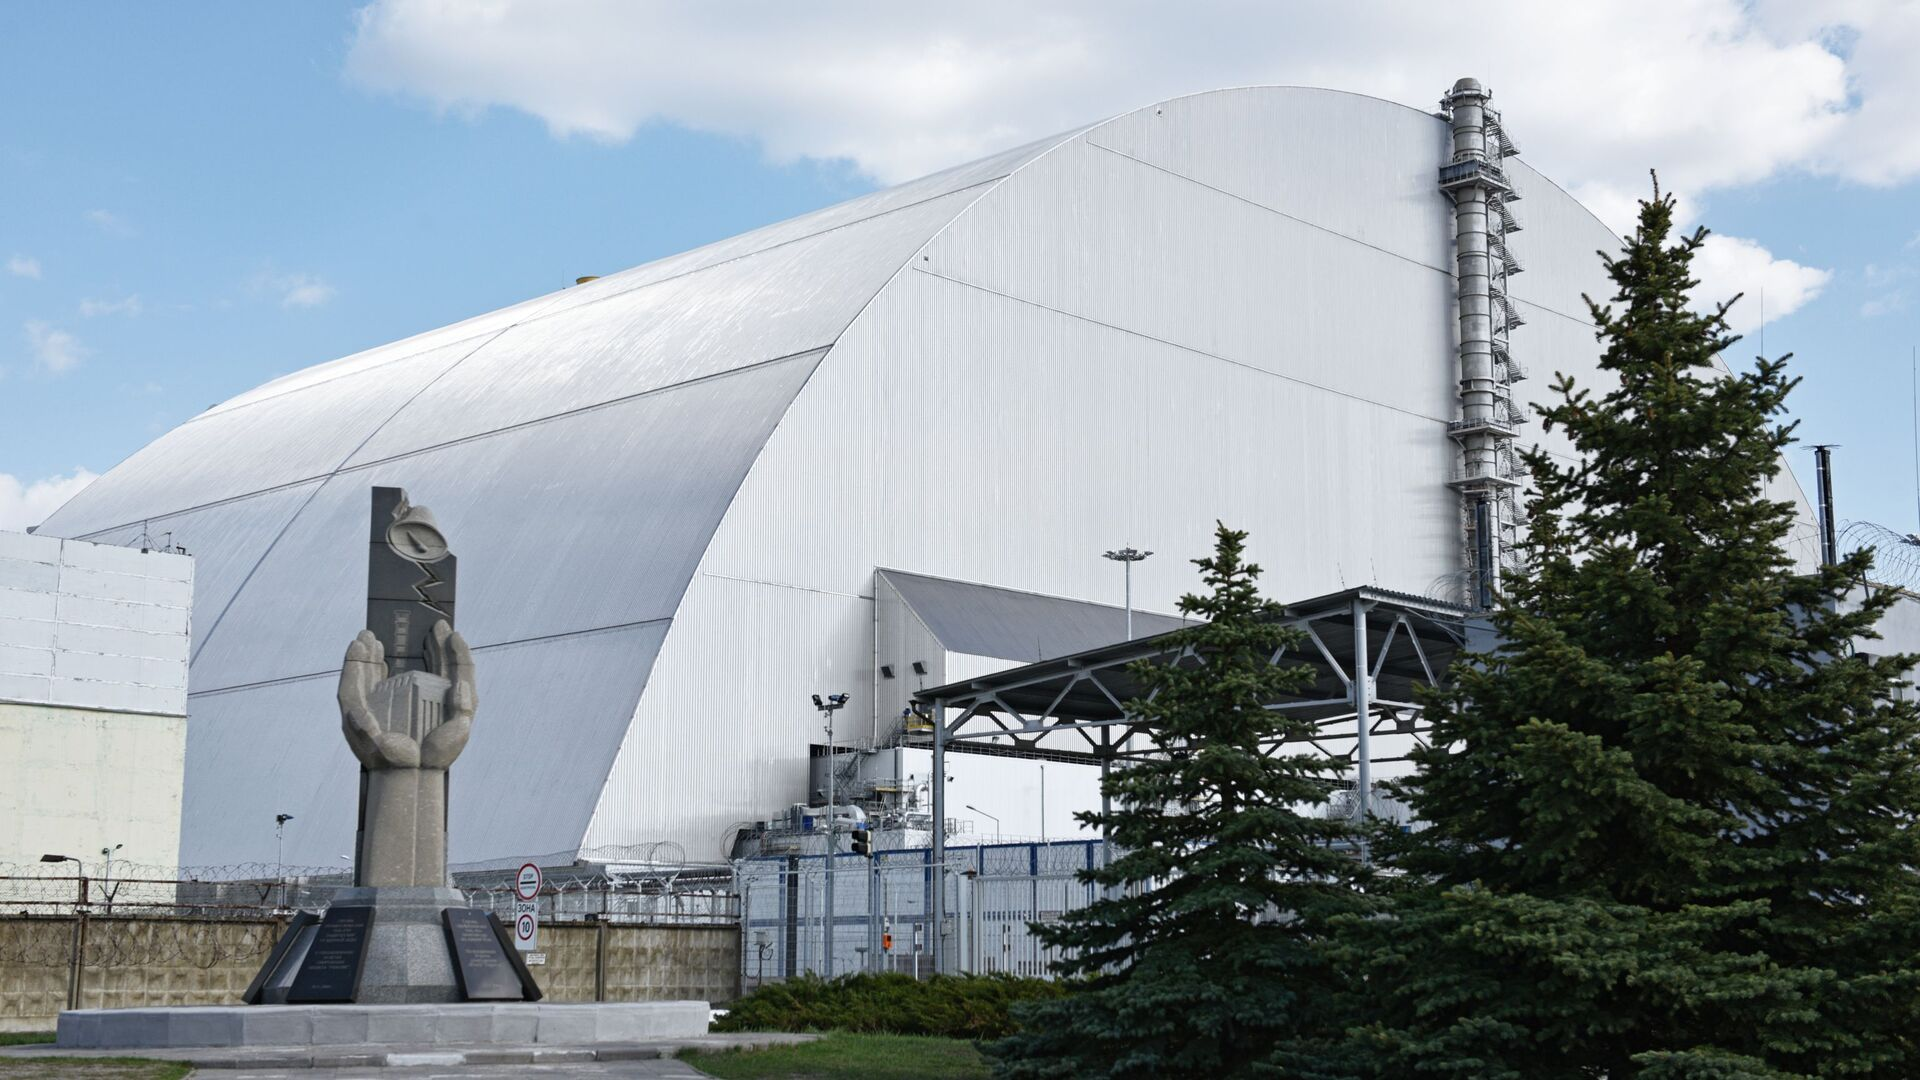 Nový sarkofág jaderné elektrárny v Černobylu - Sputnik Česká republika, 1920, 30.05.2021